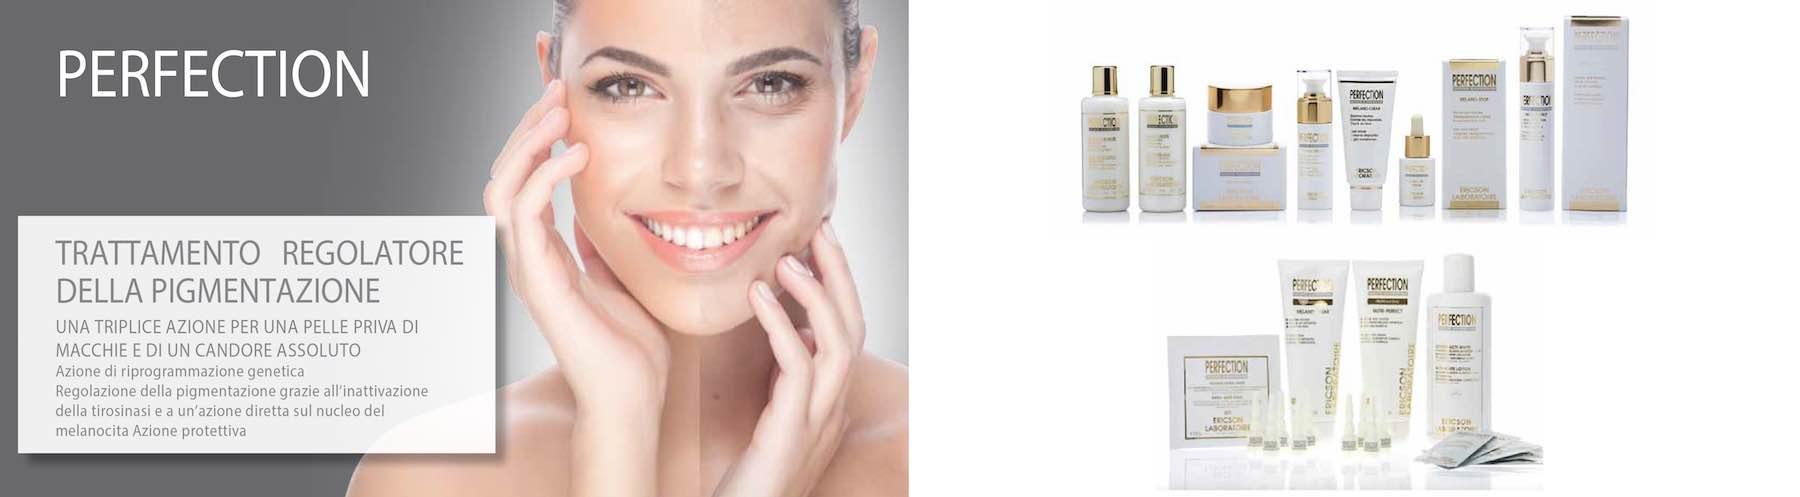 Jerà Beauty - Face-Ericson-Laboratoire-perfection